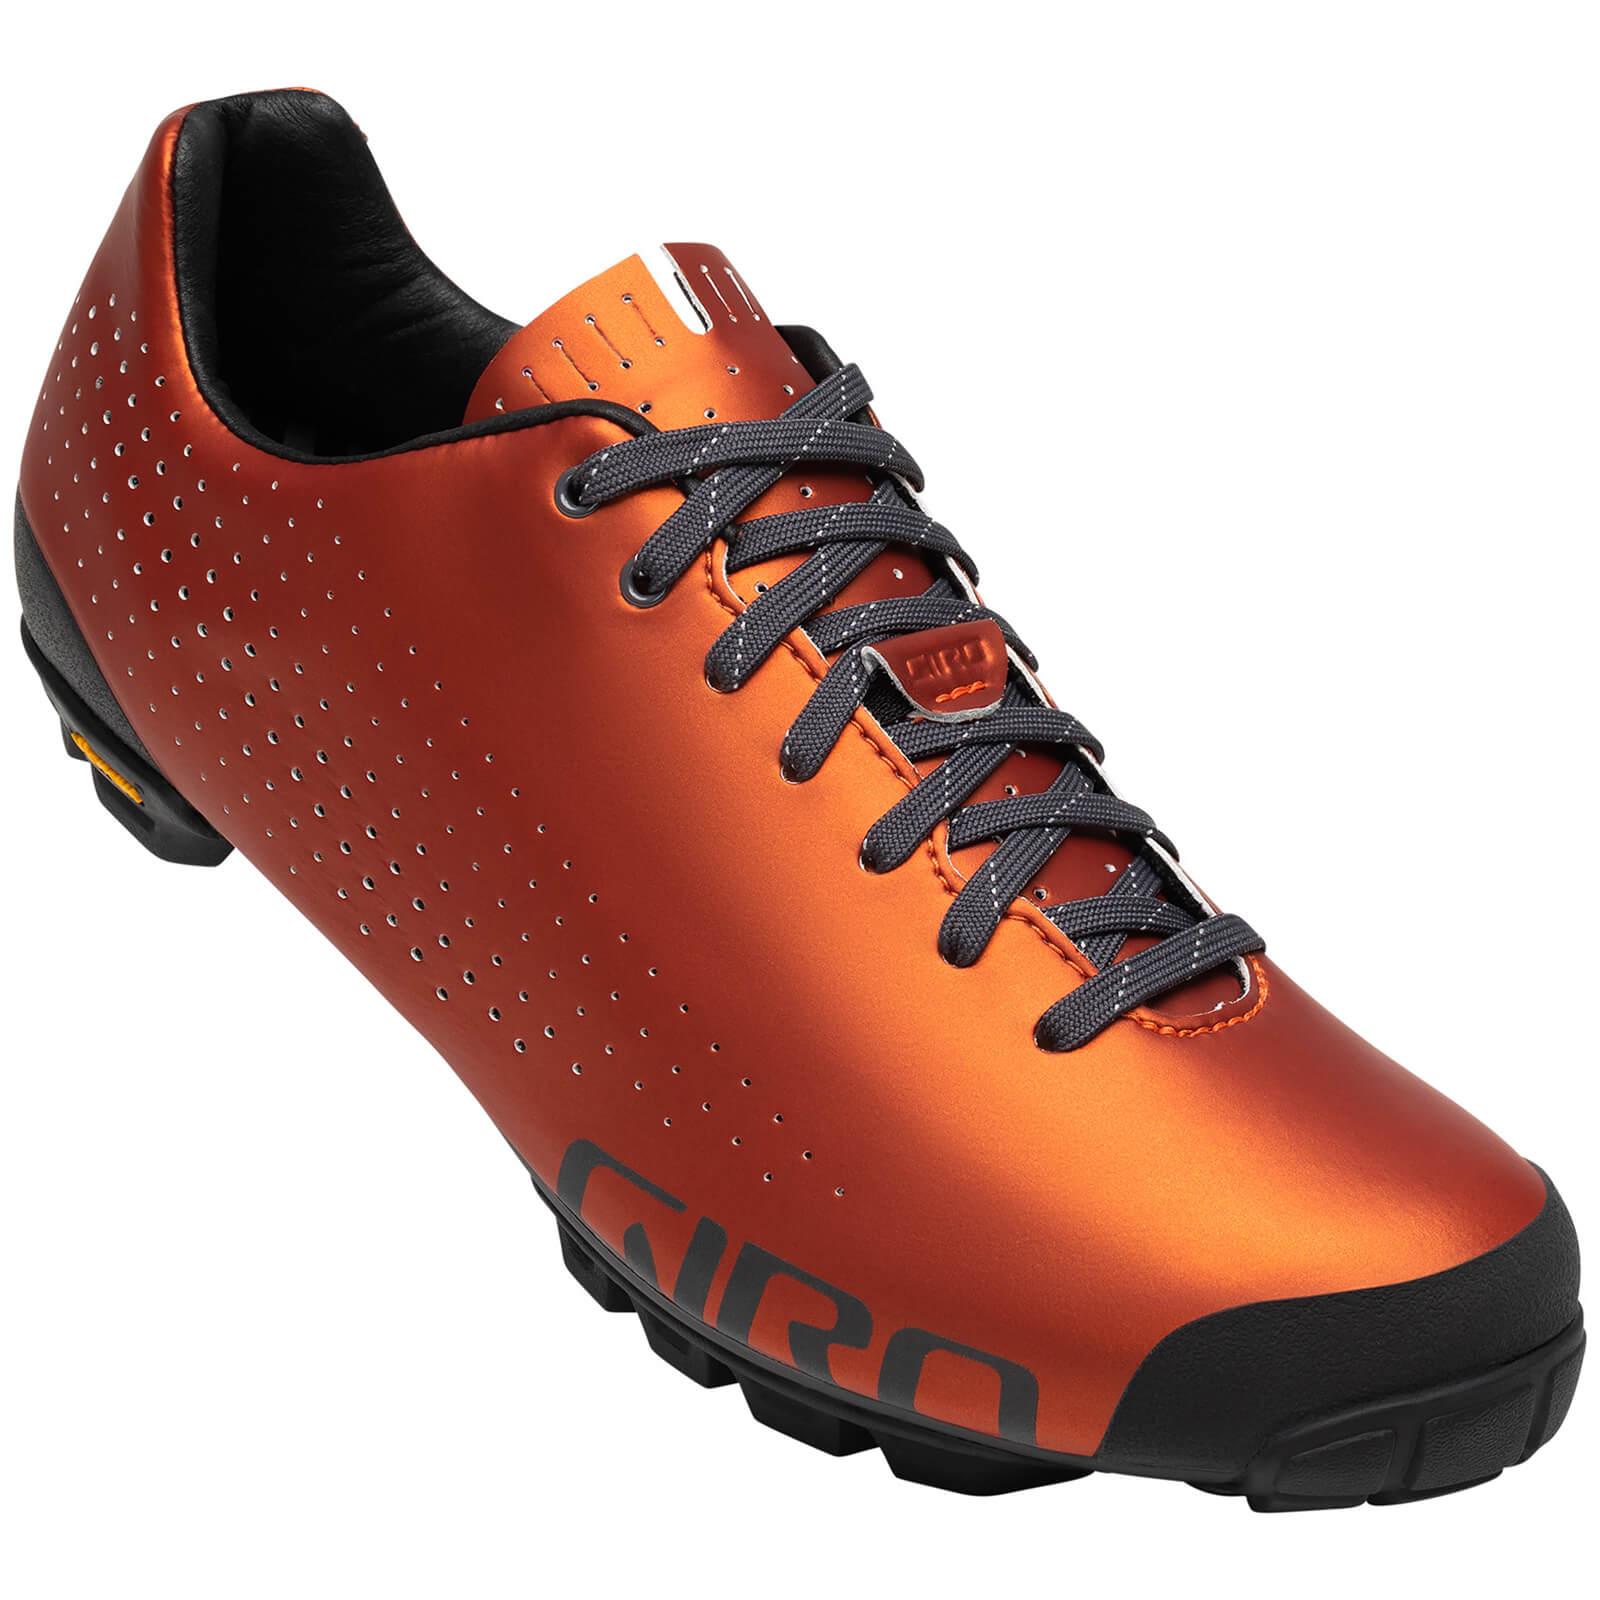 Giro Empire VR90 MTB Shoe - EU 40 - Red Orange Anodized